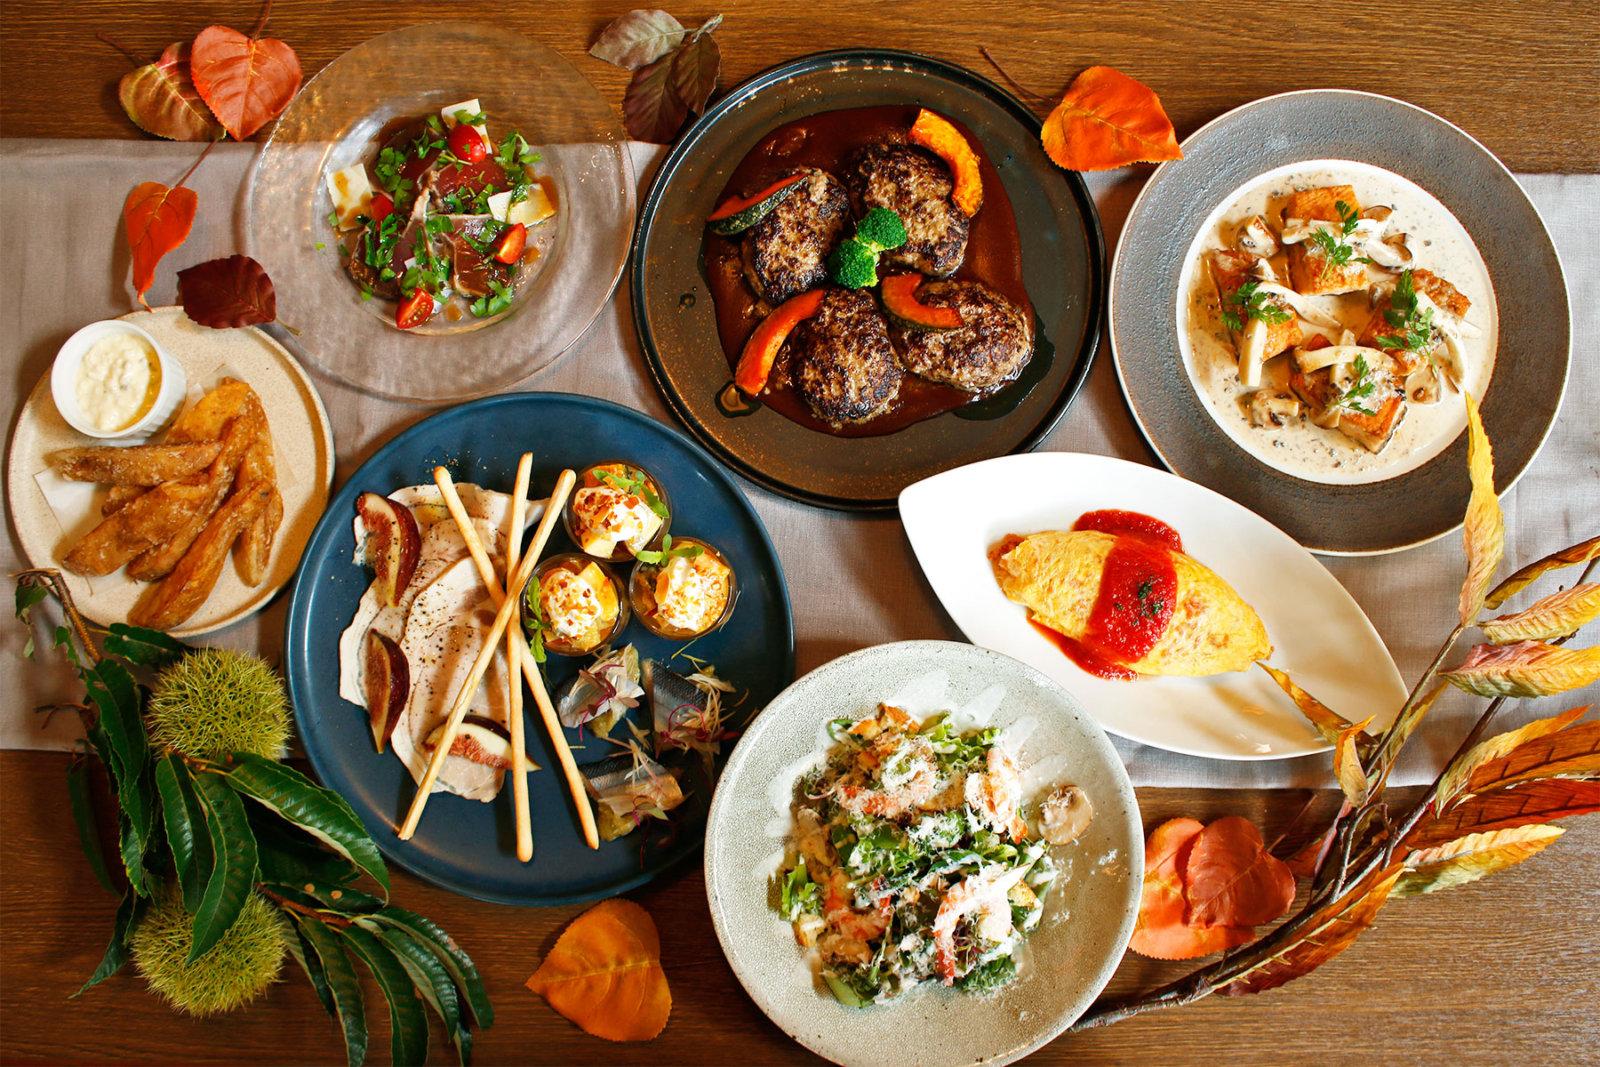 神戸牛挽肉ハンバーグと秋の味覚を、神戸ならではの洋食で楽しもう。<br><br>/洋食屋 神戸デュシャン